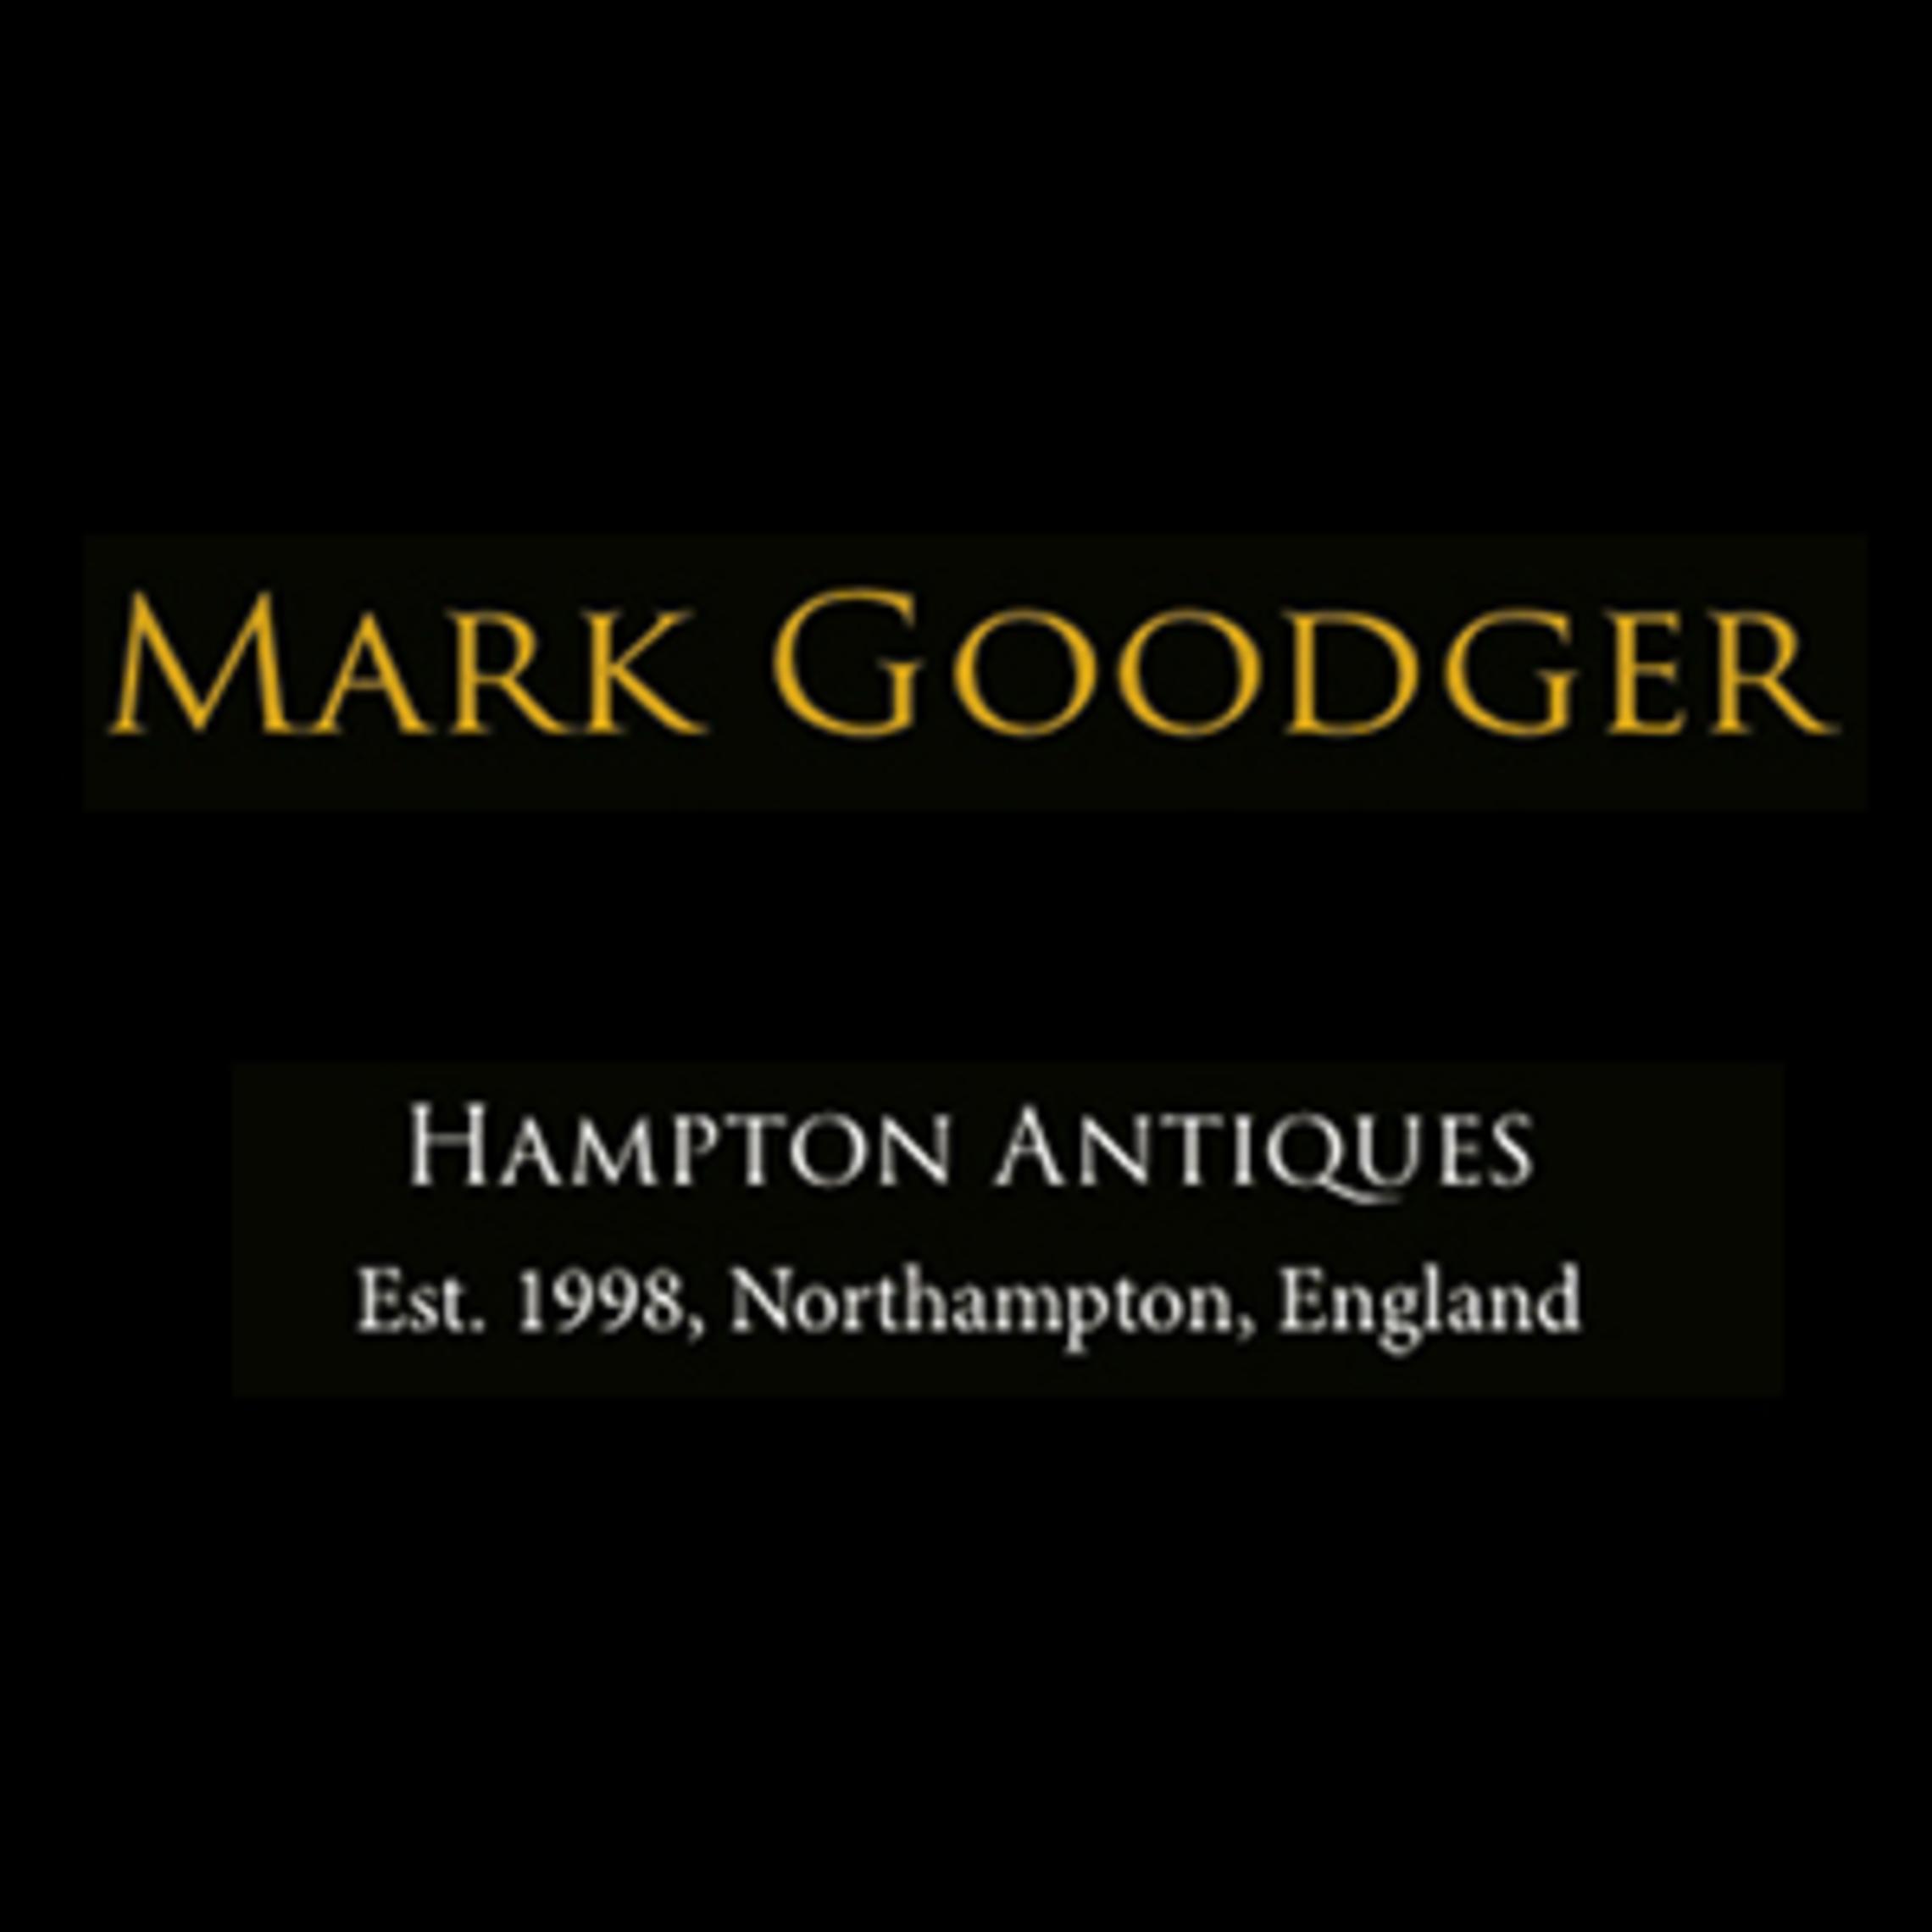 hampton antiques- company logo